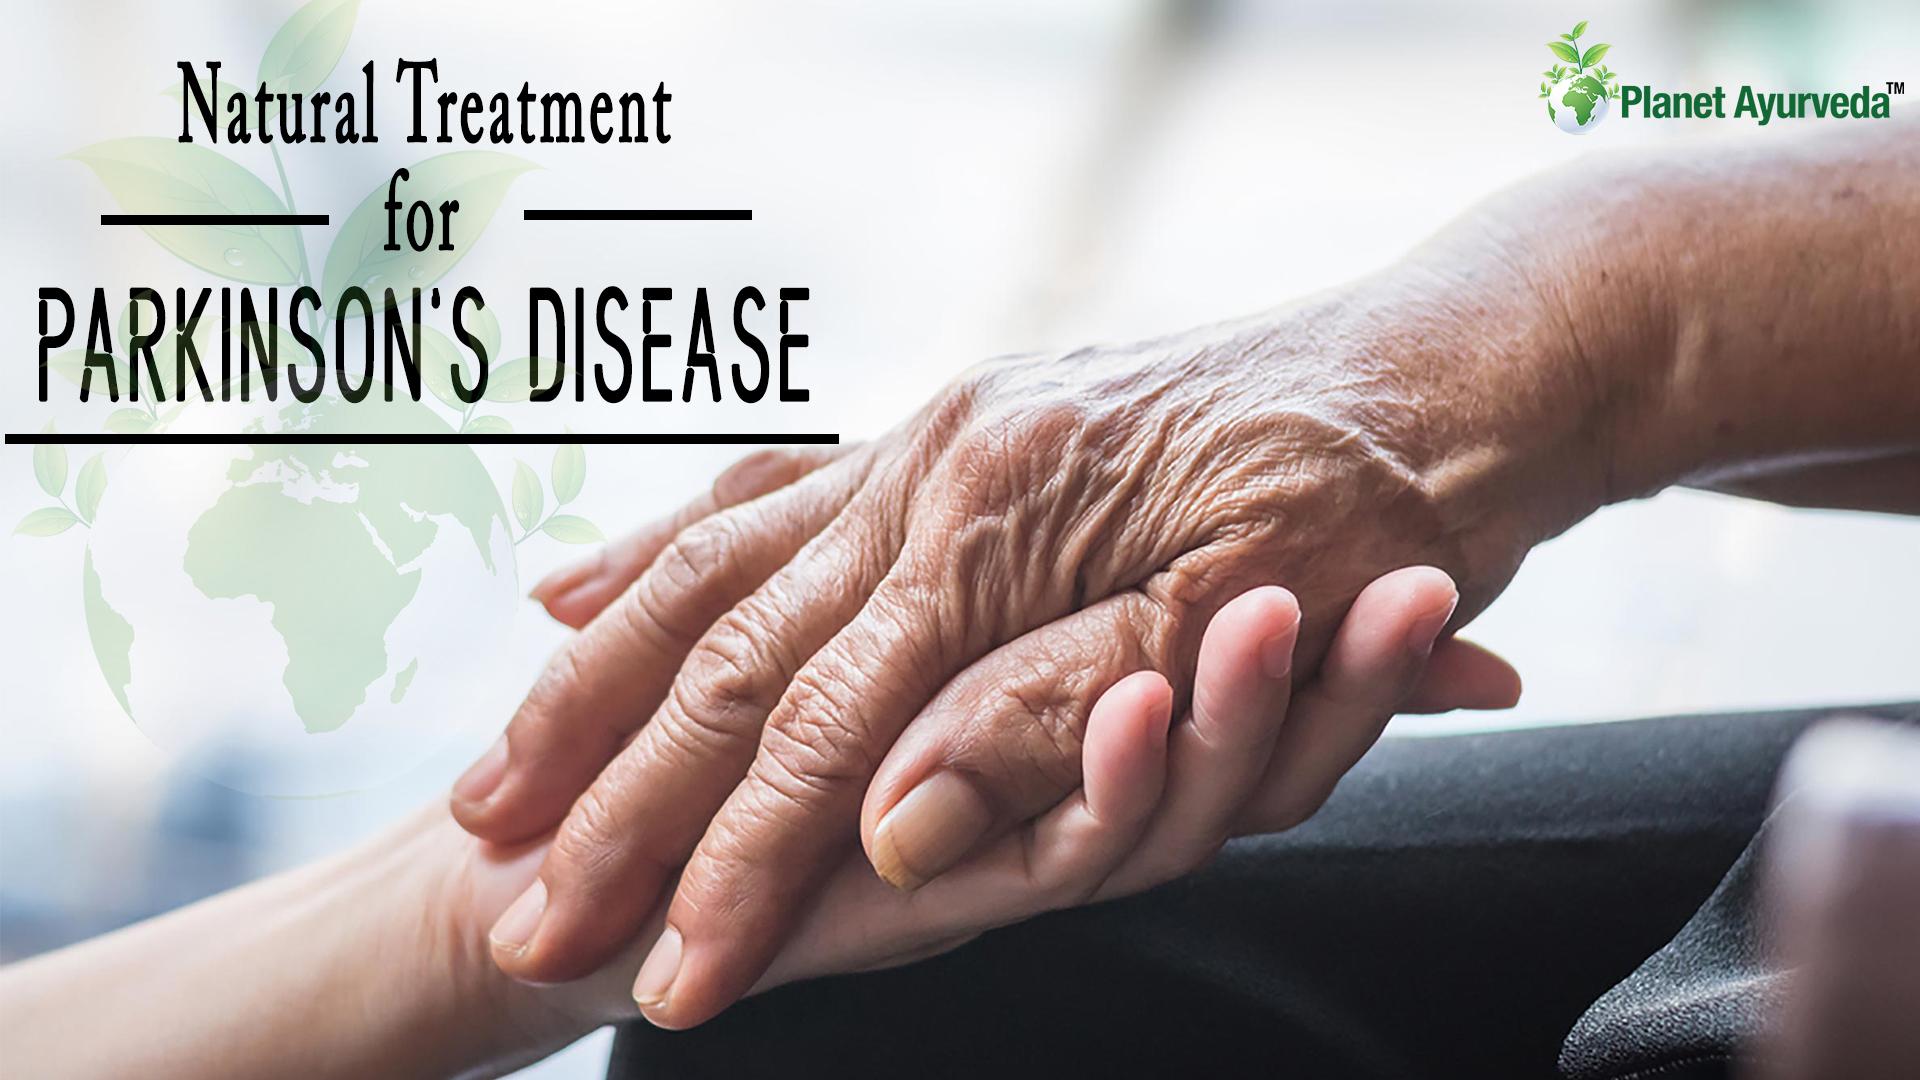 Natural Treatment for Parkinson 's disease copy